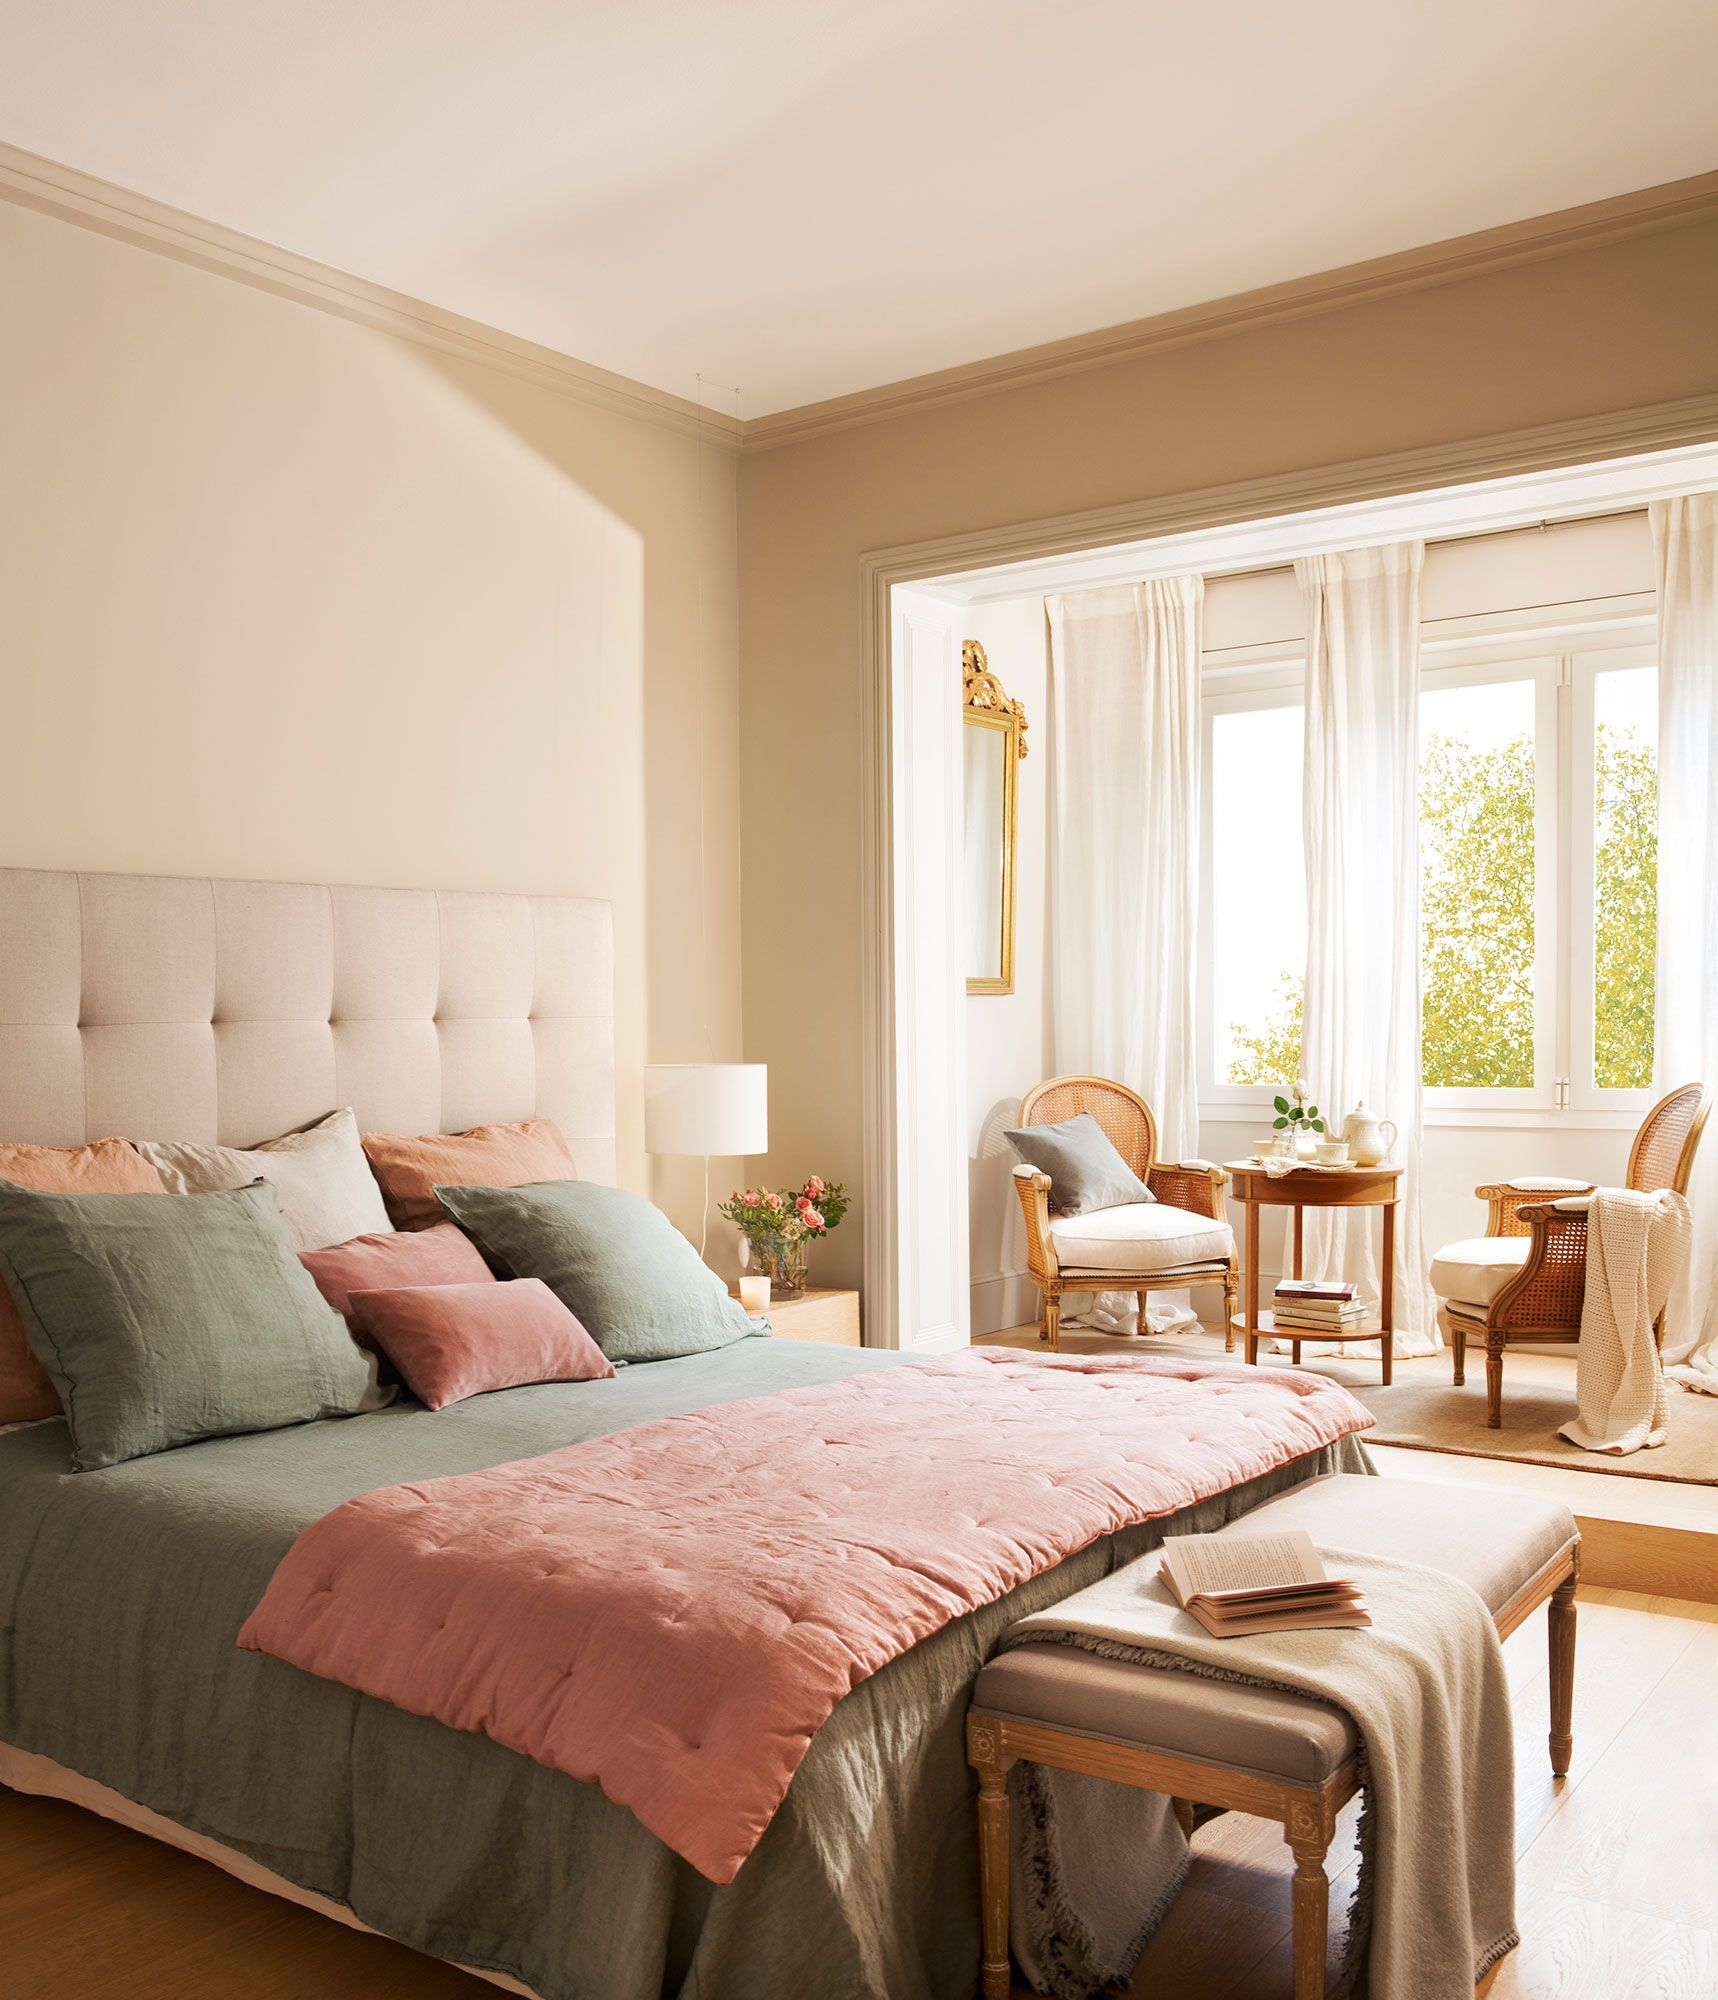 20 dormitorios con muchas ideas pinteres - Habitaciones dos camas decoracion ...